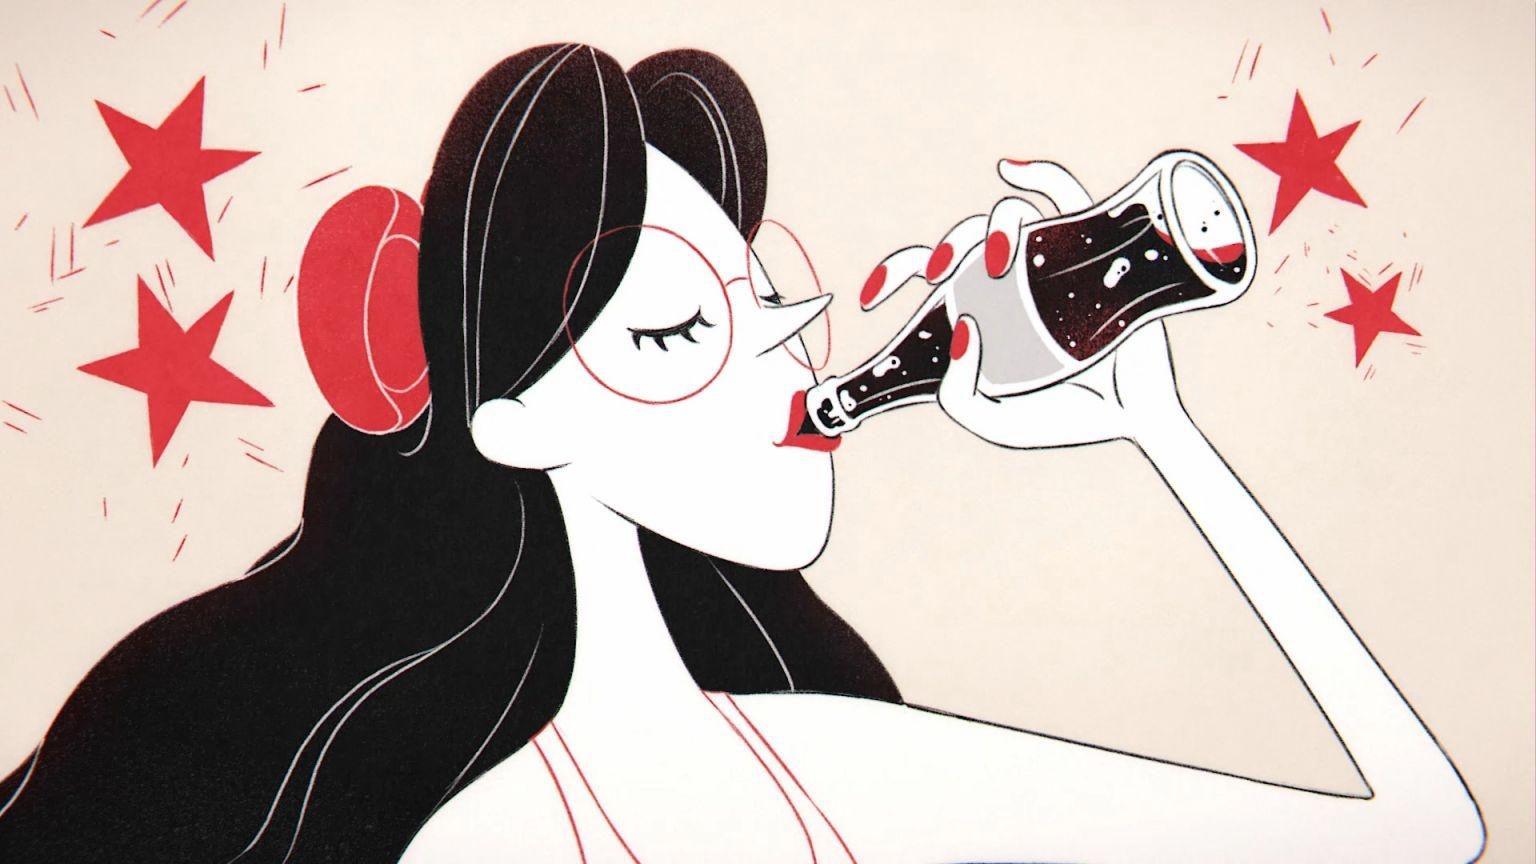 Thumbnail for Coke is a Coke